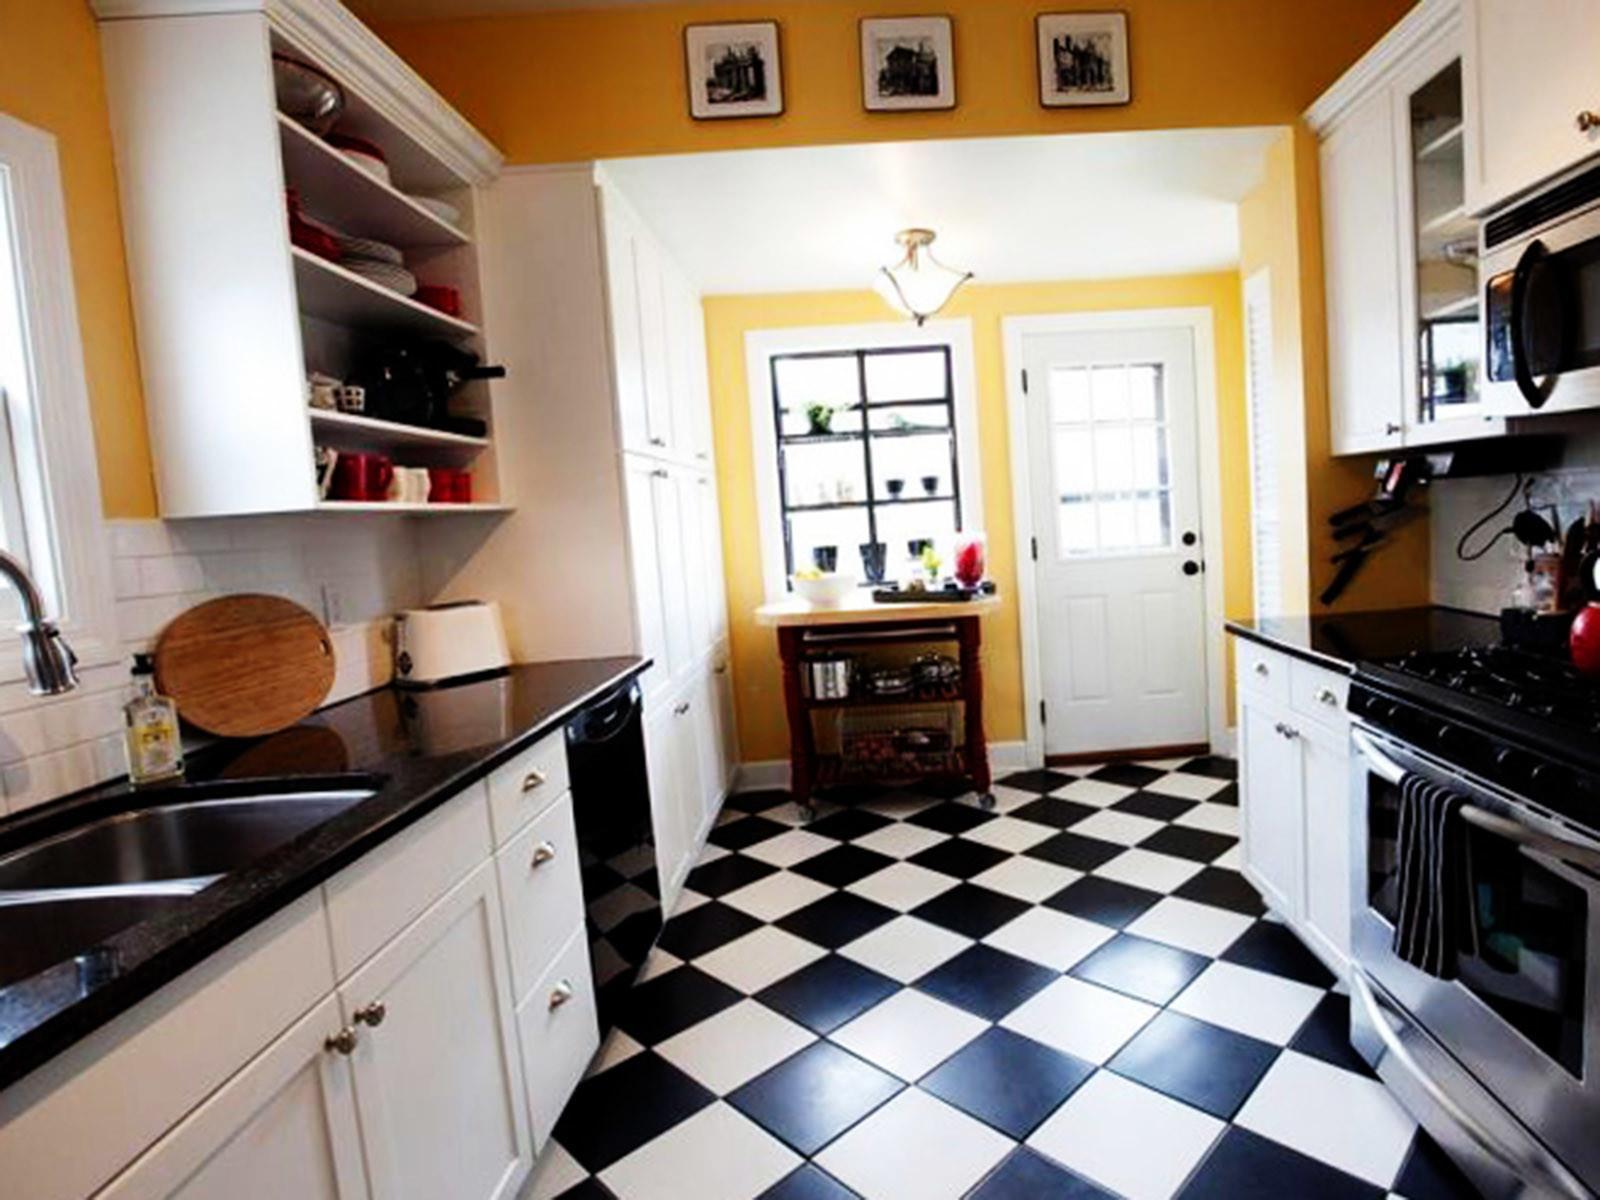 Выбираем черно-белую плитку на кухонный пол 2019-2020